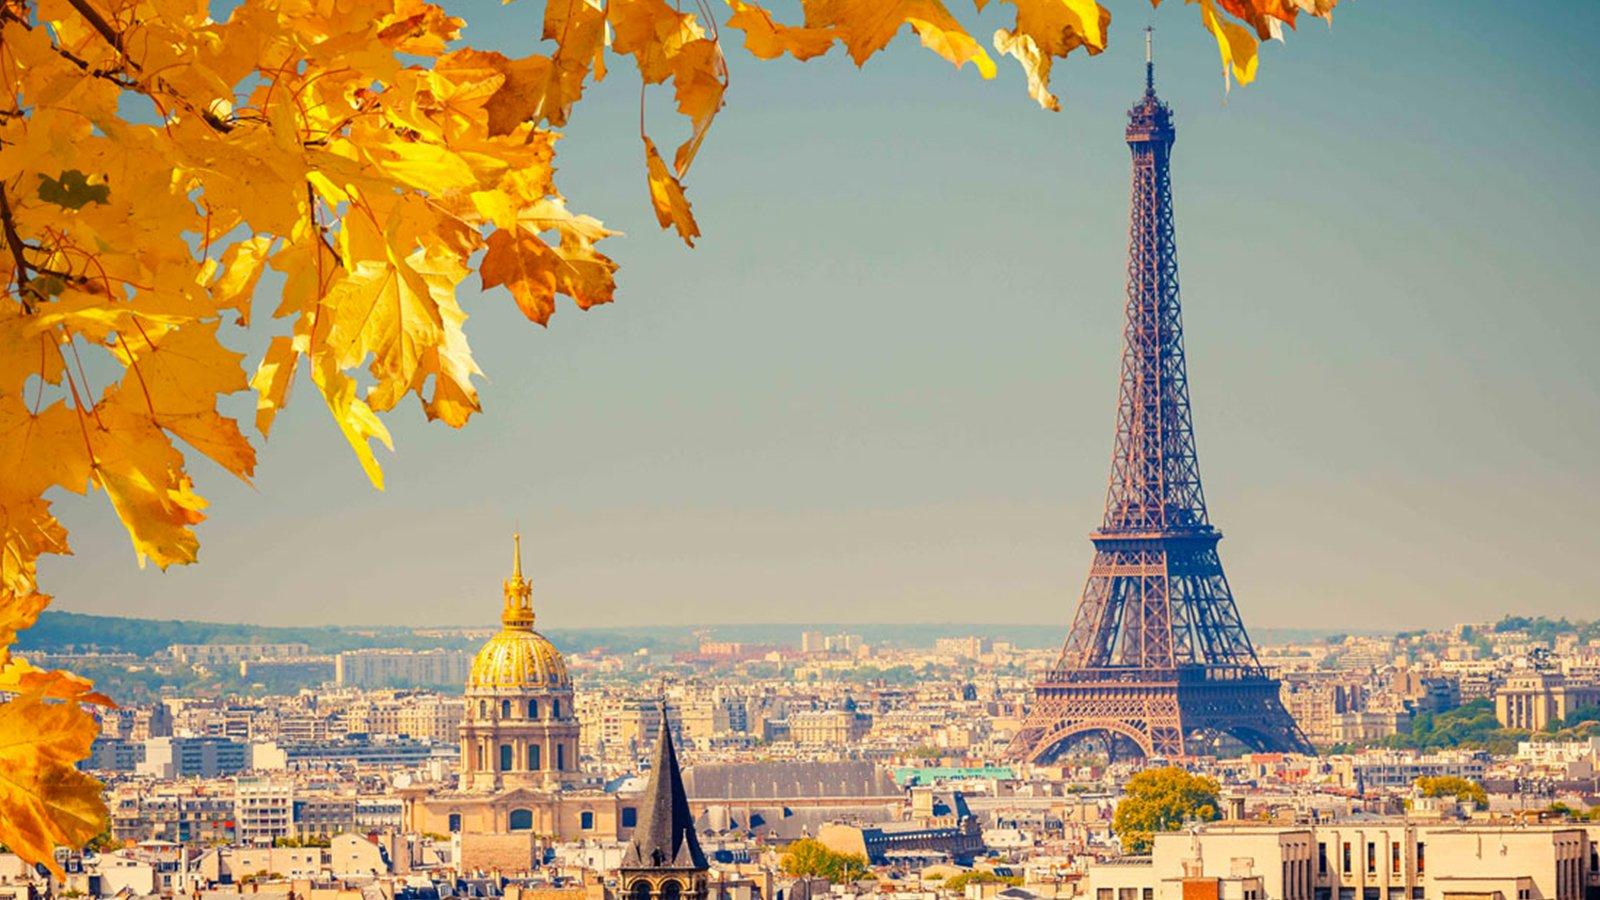 Appart hôtel Paris : vous ne savez pas où louer ?